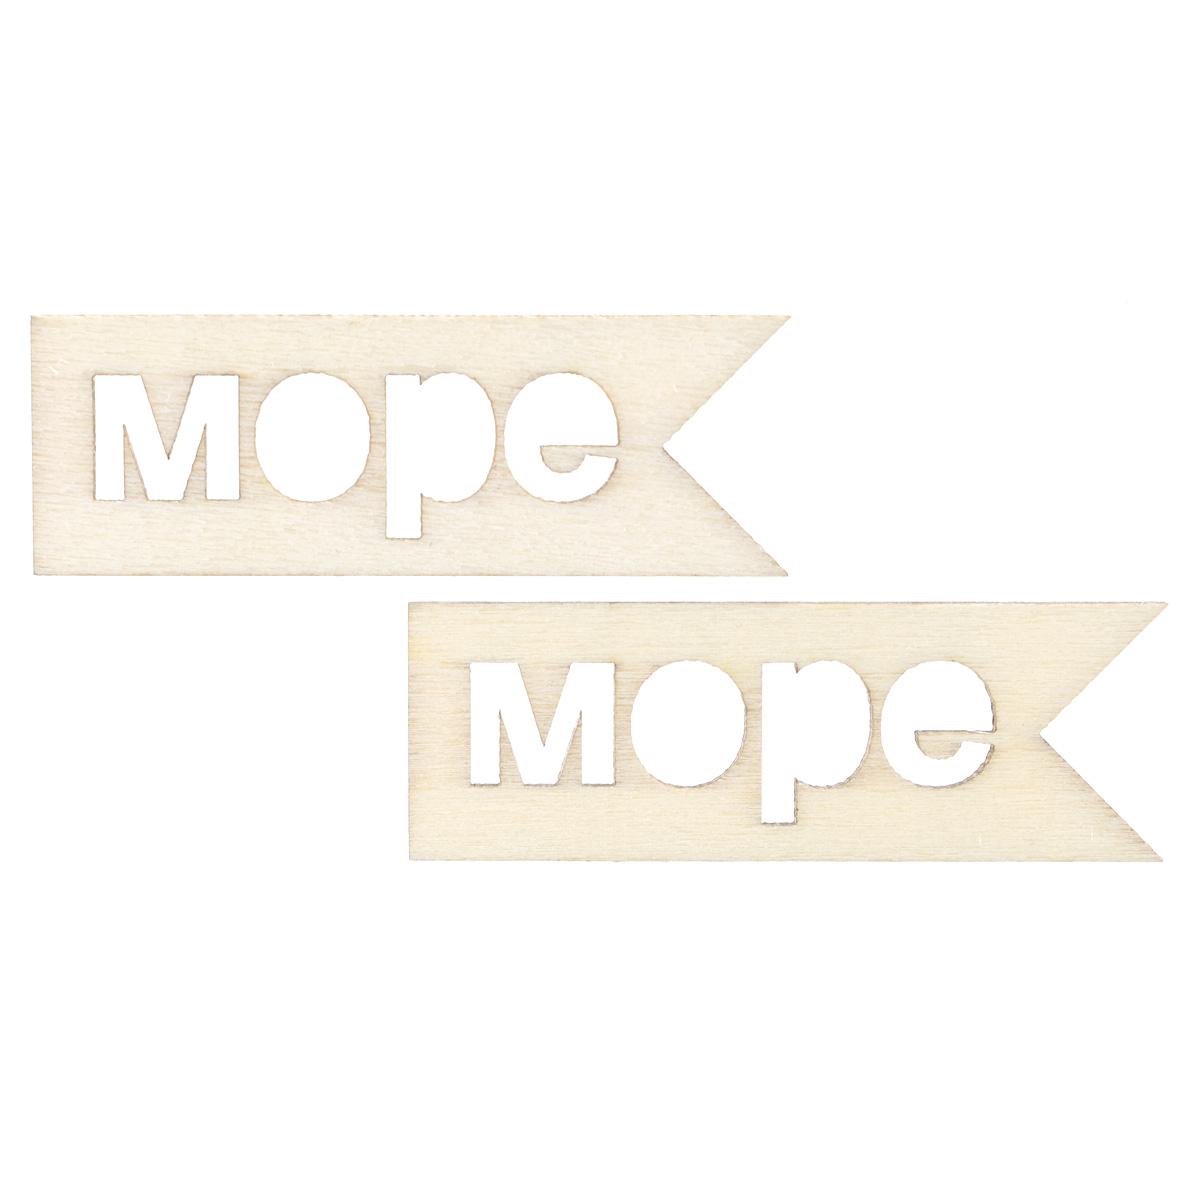 Вырубки из дерева ScrapBerrys Море, 2 штSCB4400164Лазерные вырубки из дерева ScrapBerrys Море прекрасно подойдут для оформления творческих работ в технике скрапбукинг. Их можно использовать для украшения фотоальбомов, скрап-страничек, подарков, конвертов, фоторамок, открыток. Набор состоит из 2 элементов с надписью море. Скрапбукинг - это хобби, которое способно приносить массу приятных эмоций не только человеку, который этим занимается, но и его близким, друзьям, родным. Это невероятно увлекательное занятие, которое поможет вам сохранить наиболее памятные и яркие моменты вашей жизни, а также интересно оформить интерьер дома. Комплектация: 2 шт. Размер элемента: 4,3 см х 1,5 см.